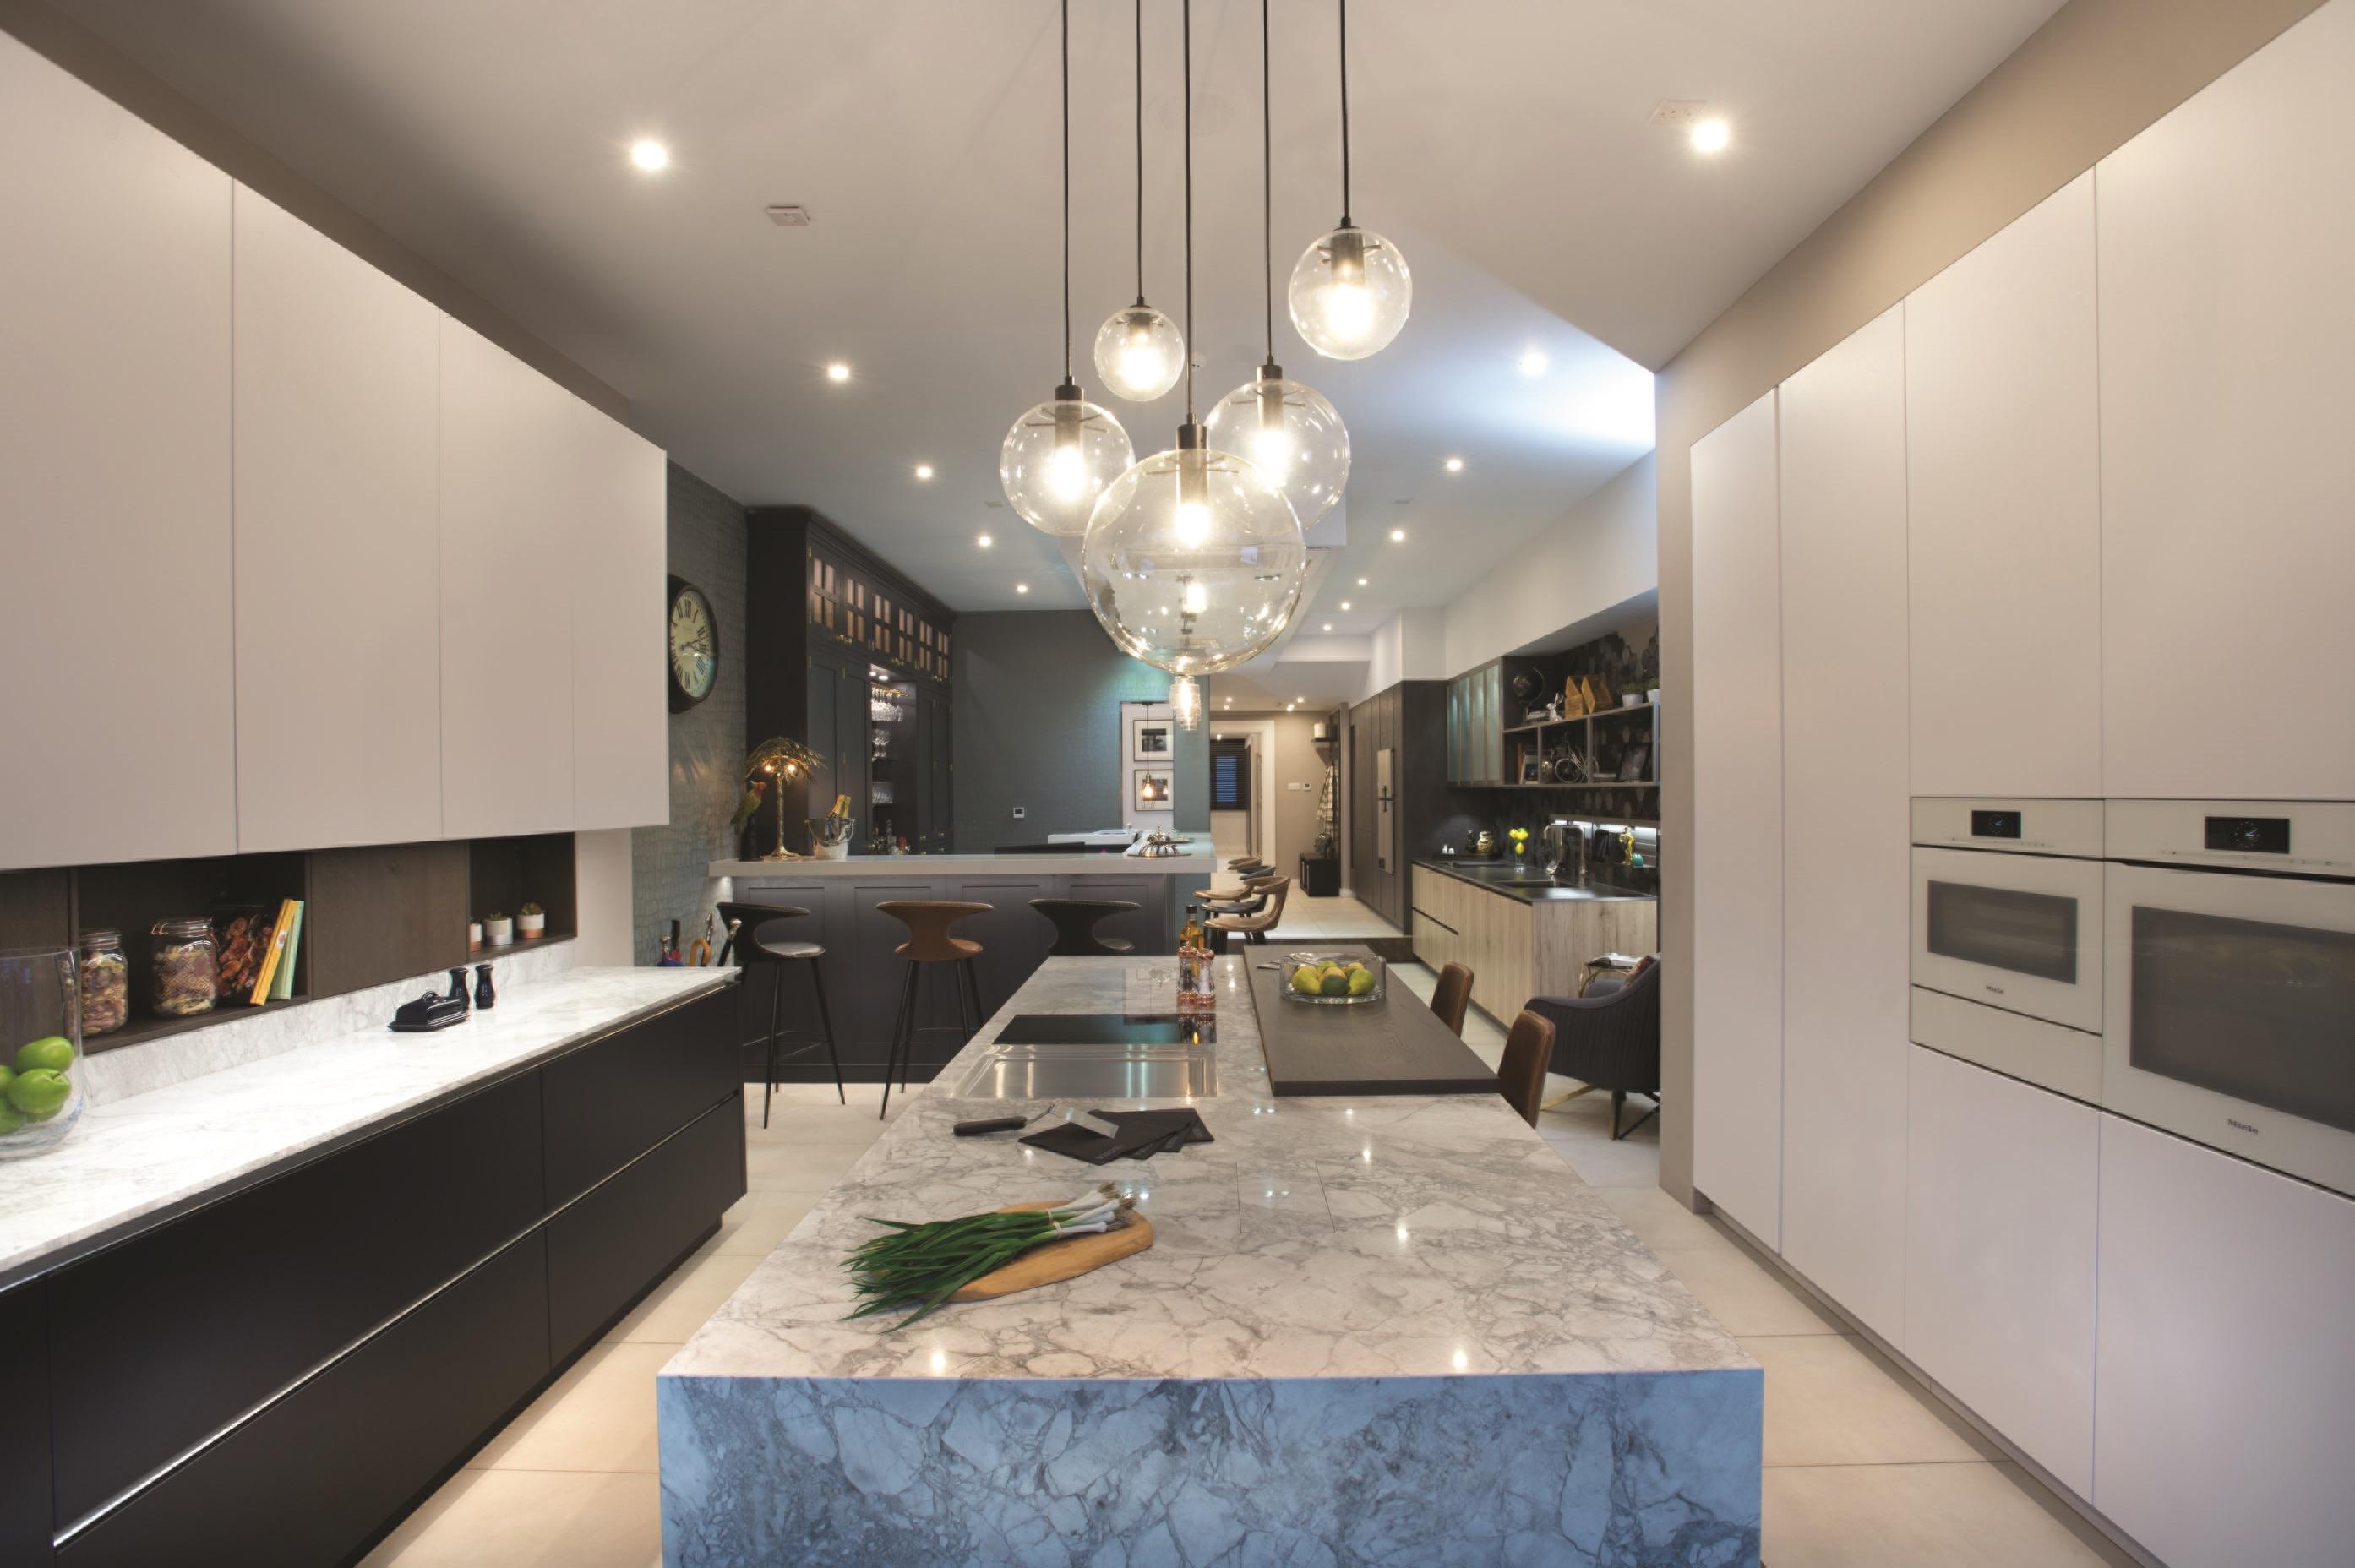 _Brandt Design, Hatch End Showroom – HR3